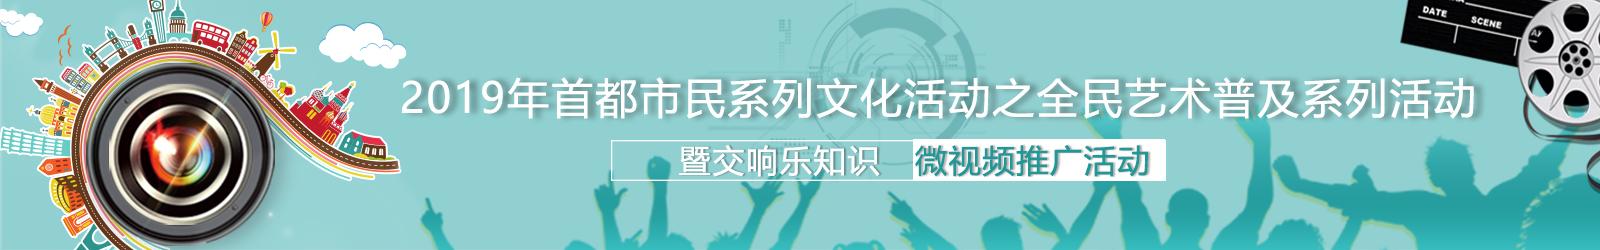 2019年首都市民系列文化活動之全民藝術普及系列活動暨交響樂知識微視頻推廣活動